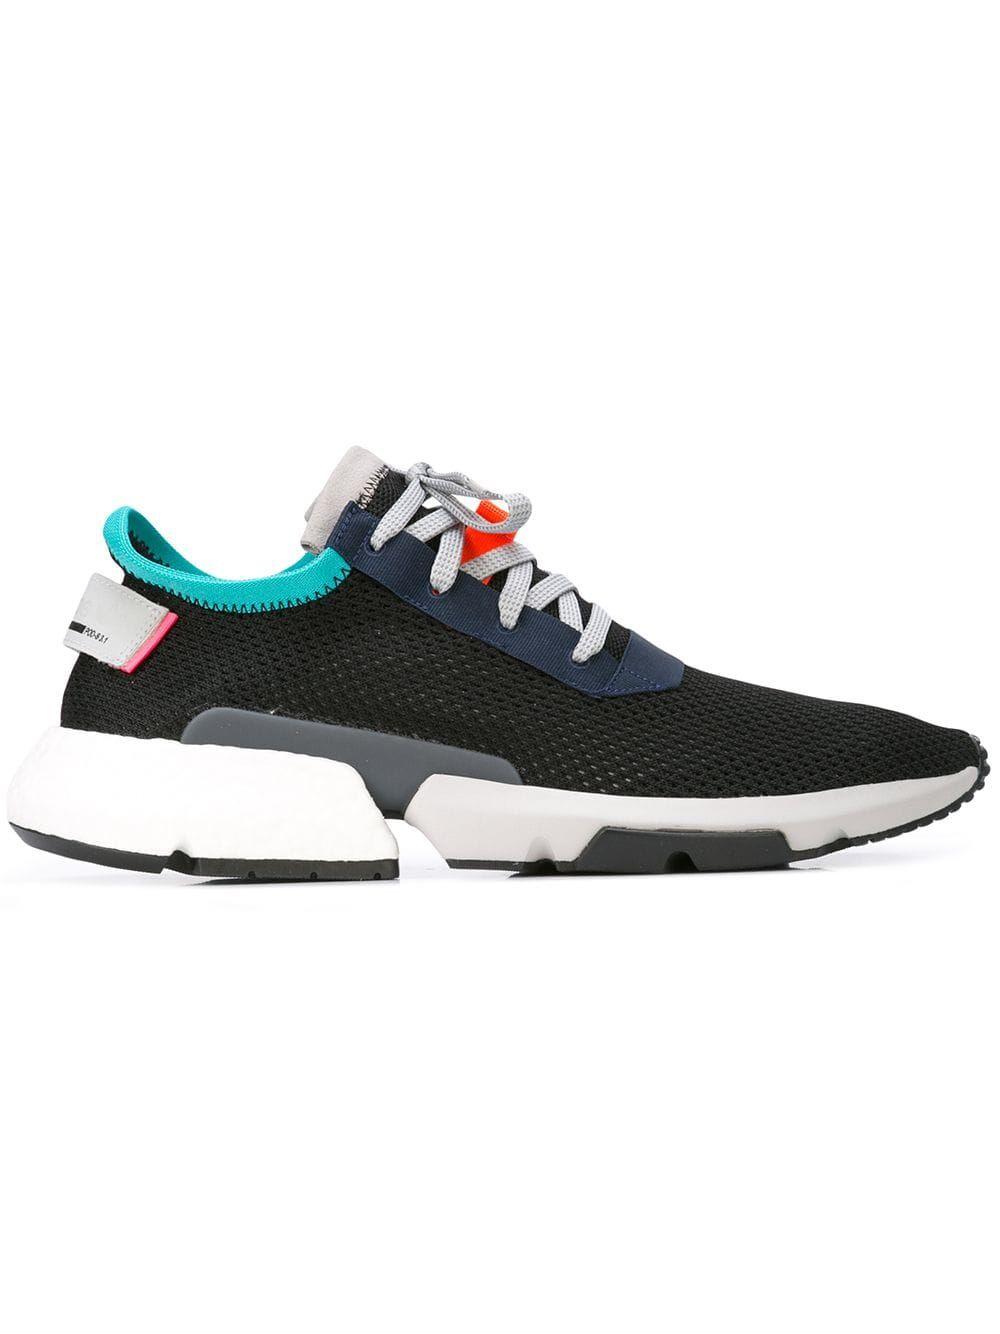 b2c5ae0c83c0c ADIDAS ORIGINALS ADIDAS POD-S3.1 LOW-TOP SNEAKERS - BLACK.  adidasoriginals   shoes